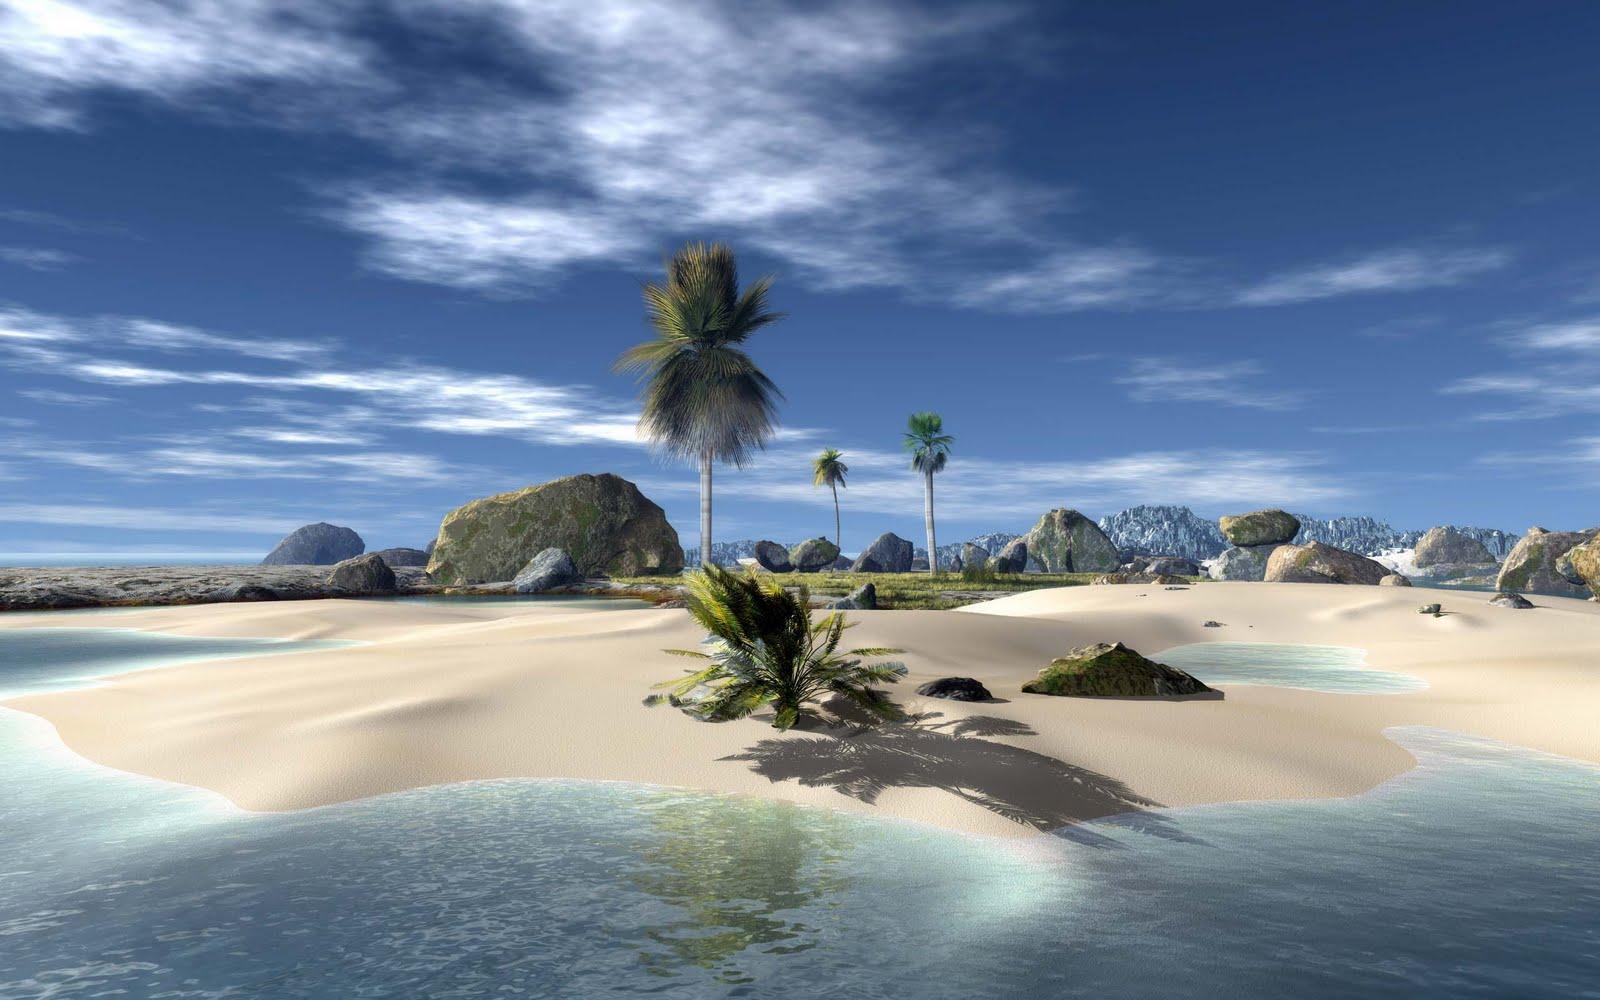 http://1.bp.blogspot.com/-zmpbpW5WjC8/TceT-Y8oAPI/AAAAAAAAA0A/v_e7SkffQHo/s1600/3d+beach+1+by+maceme+wallpaper.jpg